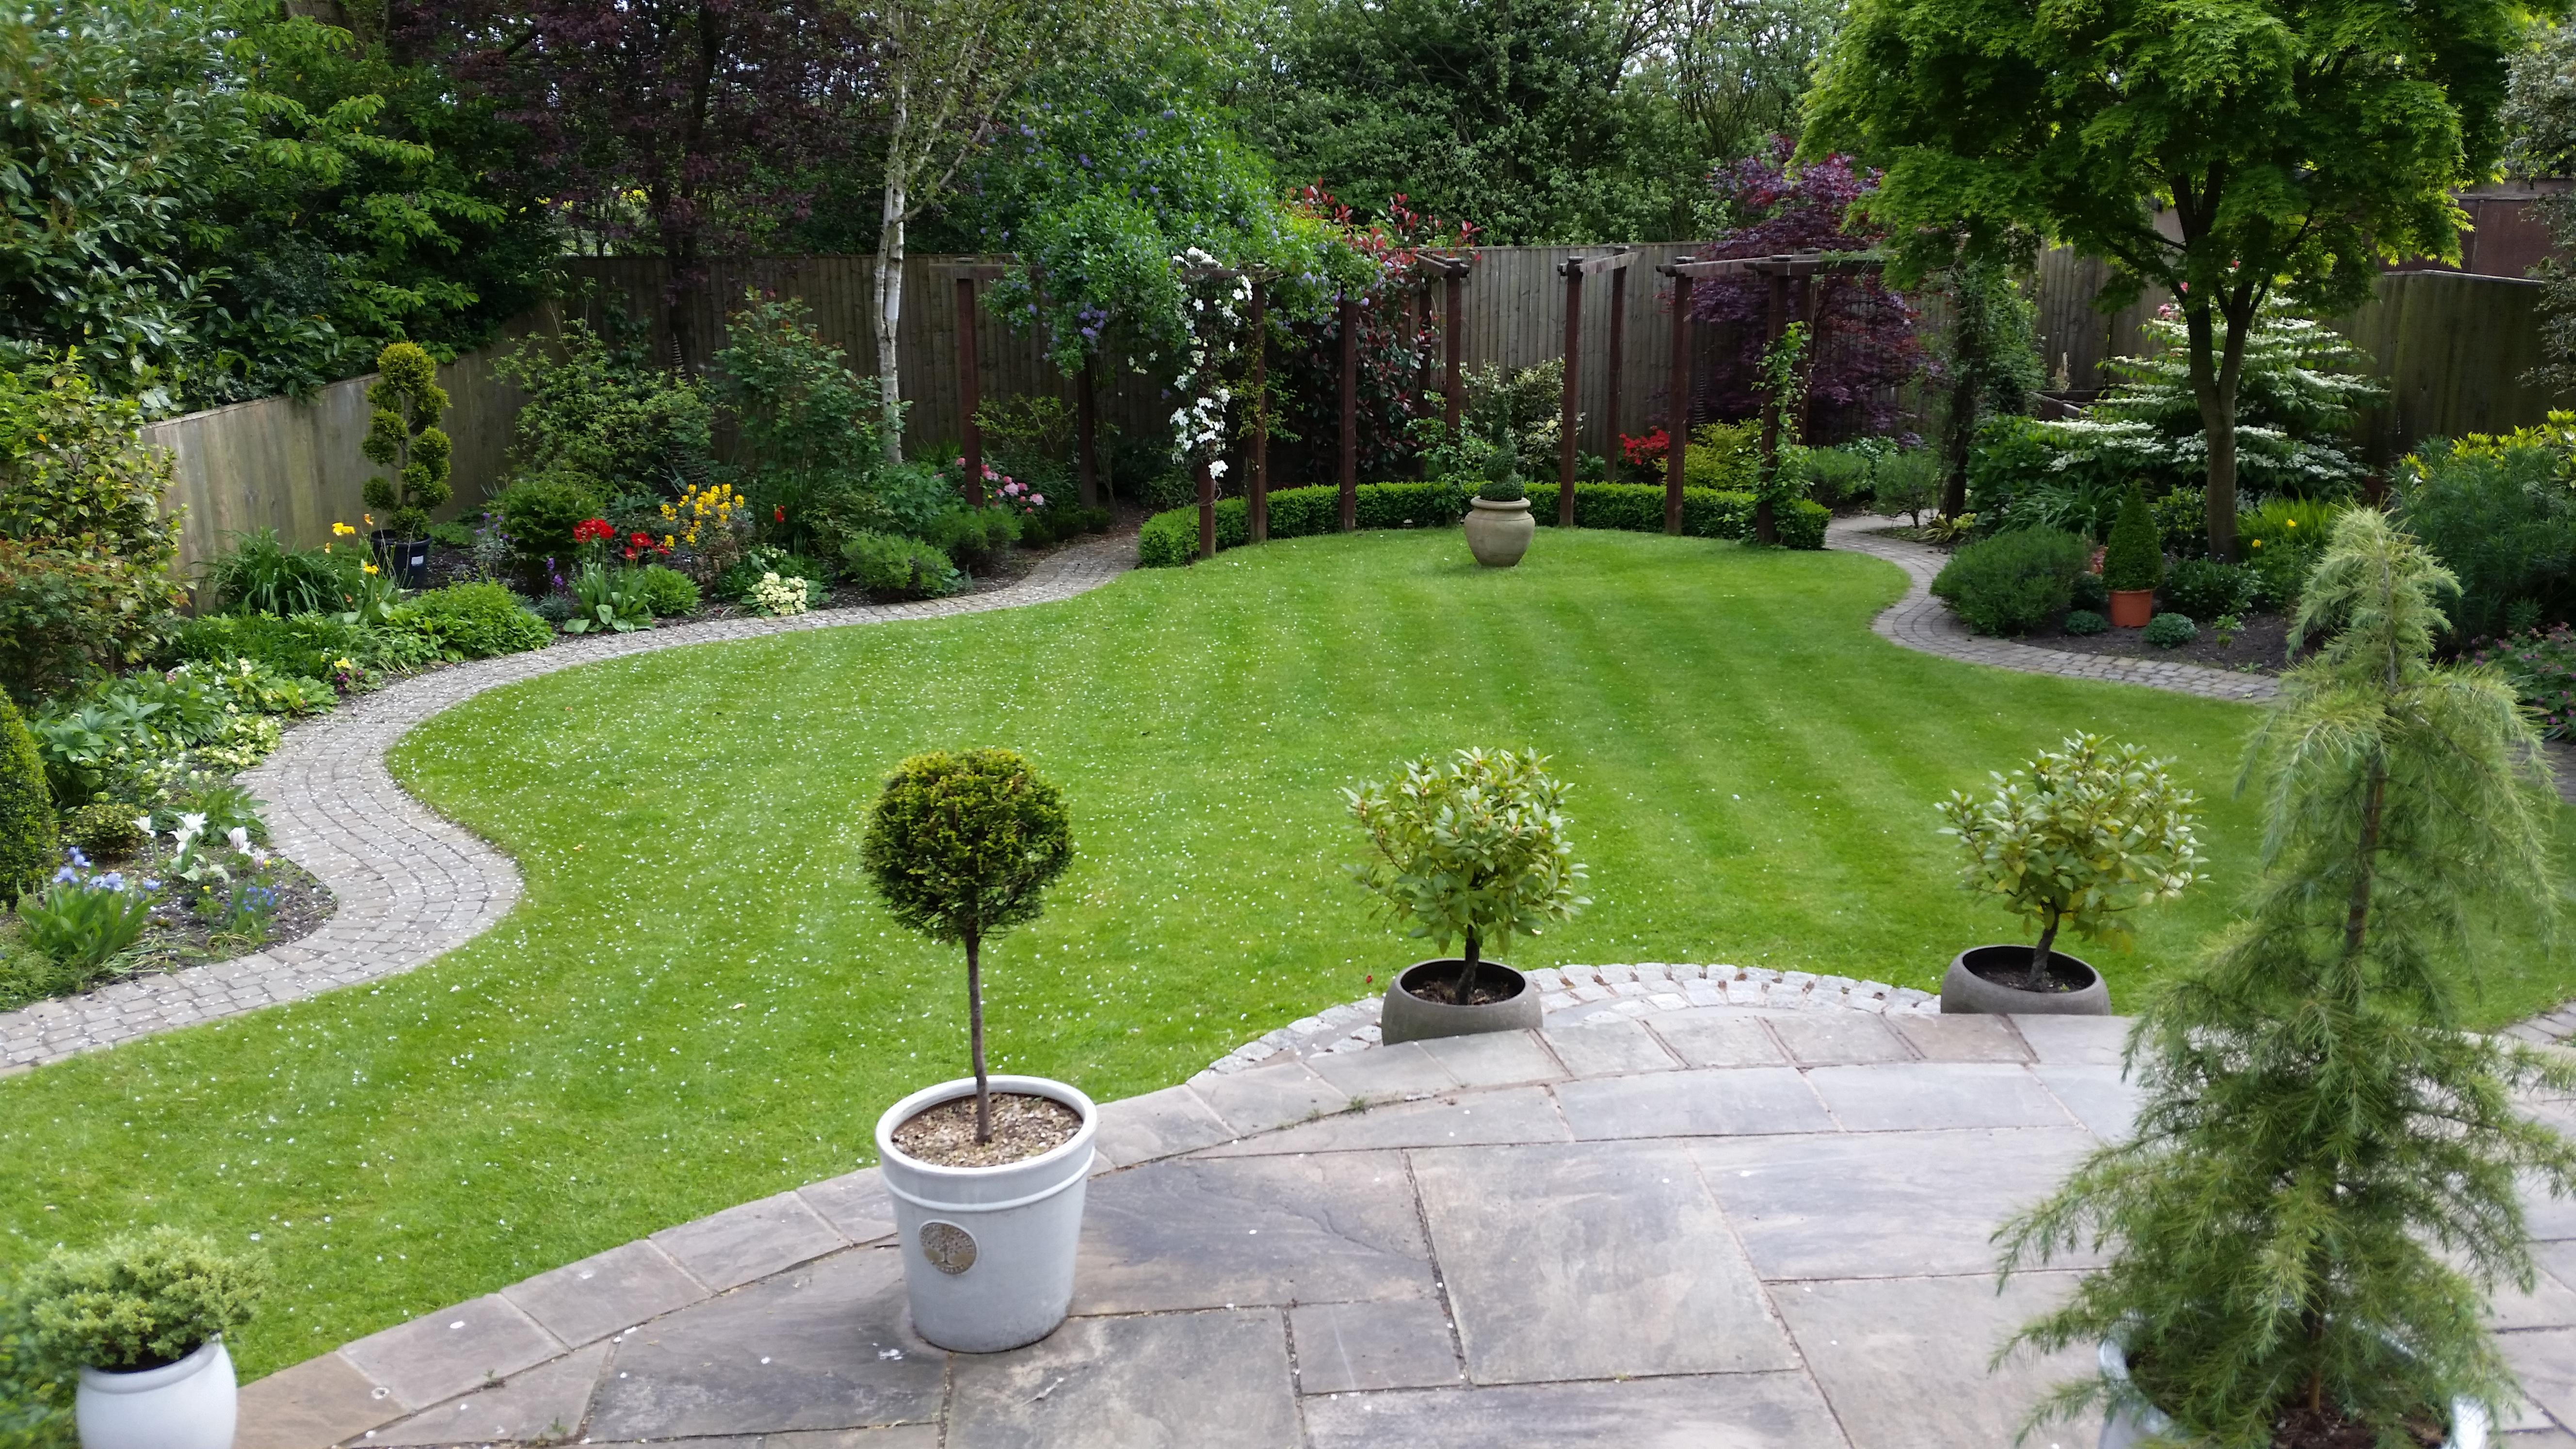 Yorkshire garden design